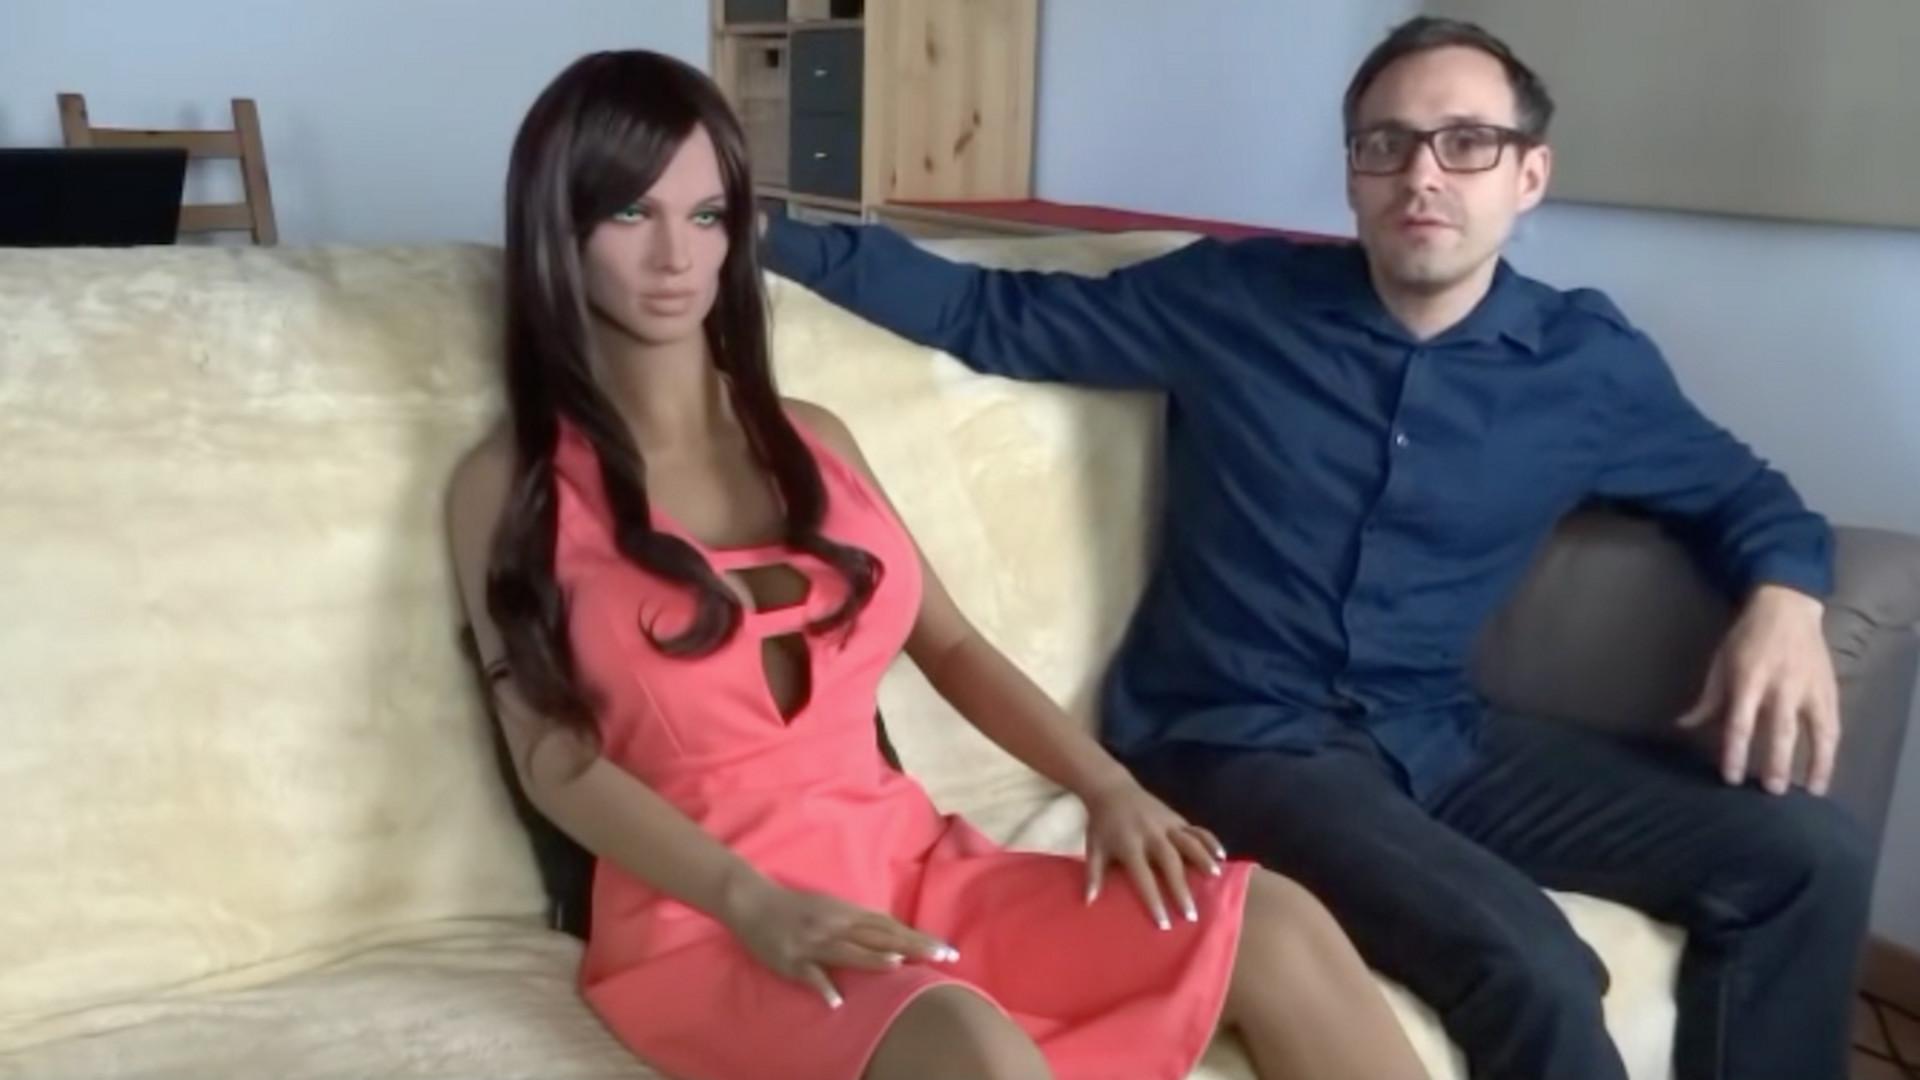 hudobné video s sex